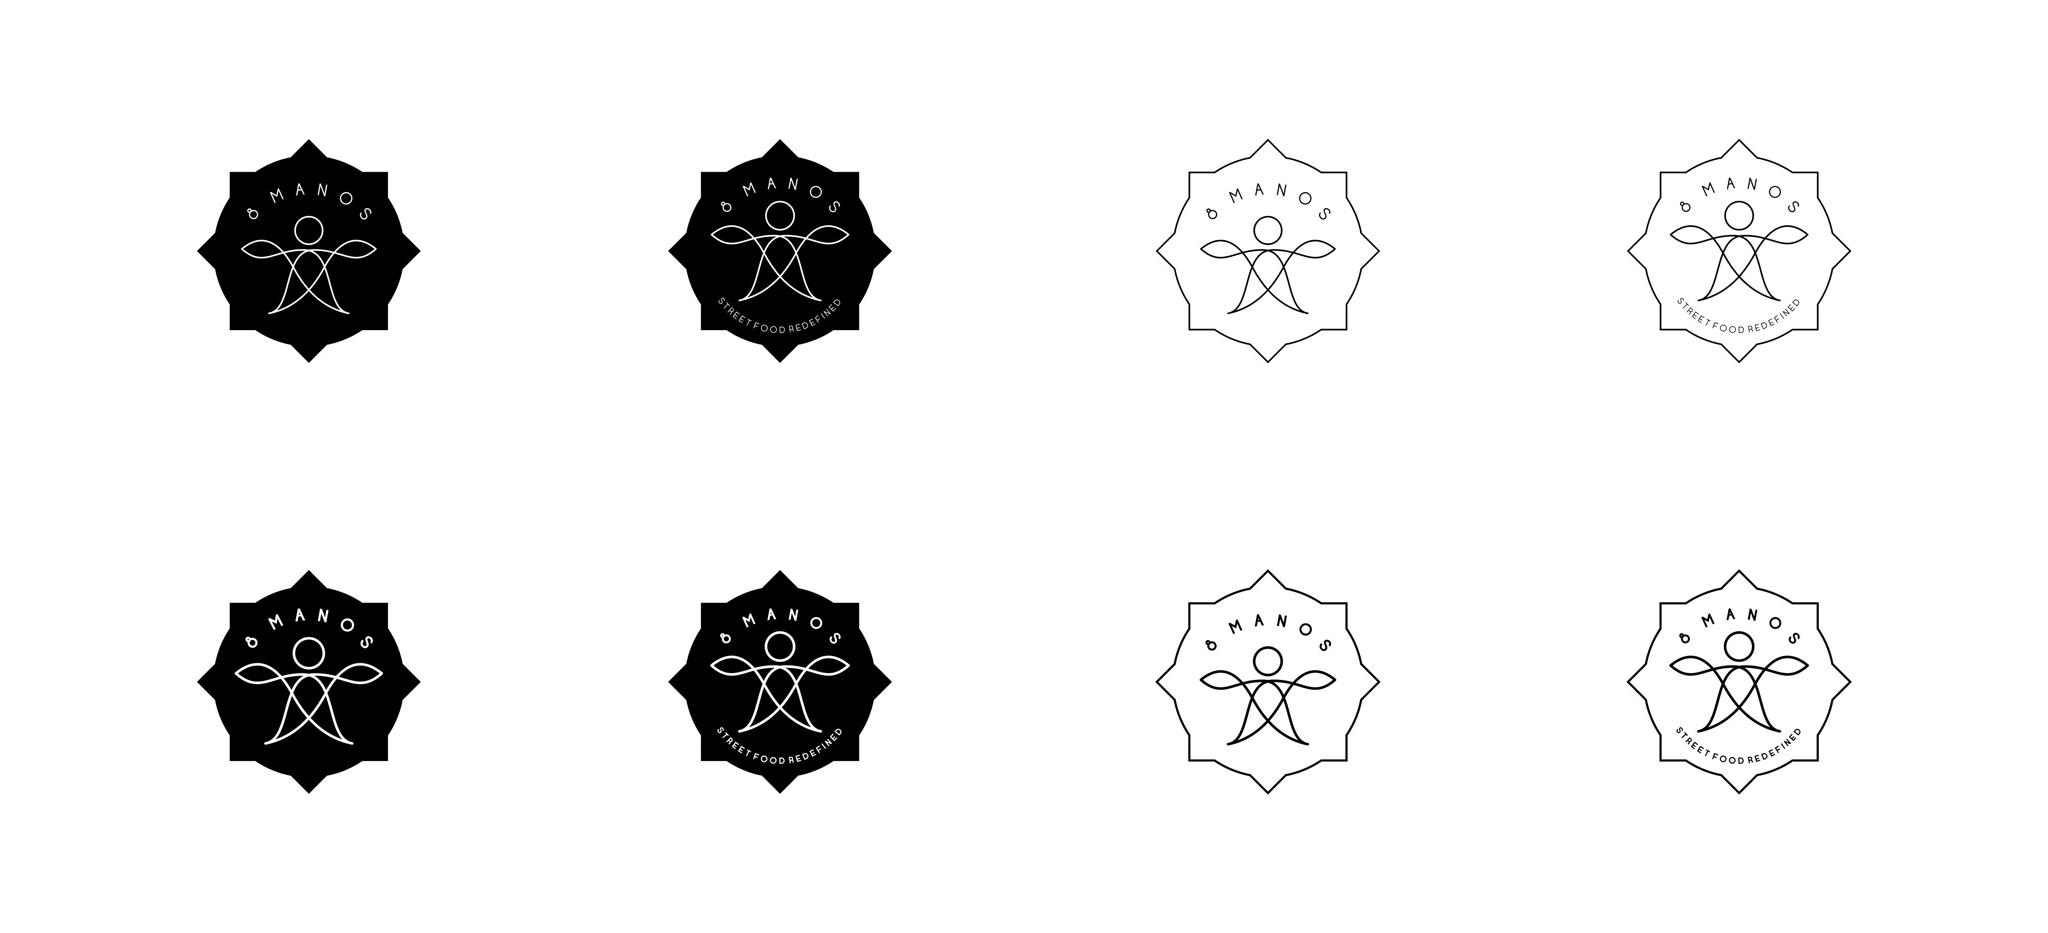 GD_8manos_logo_00